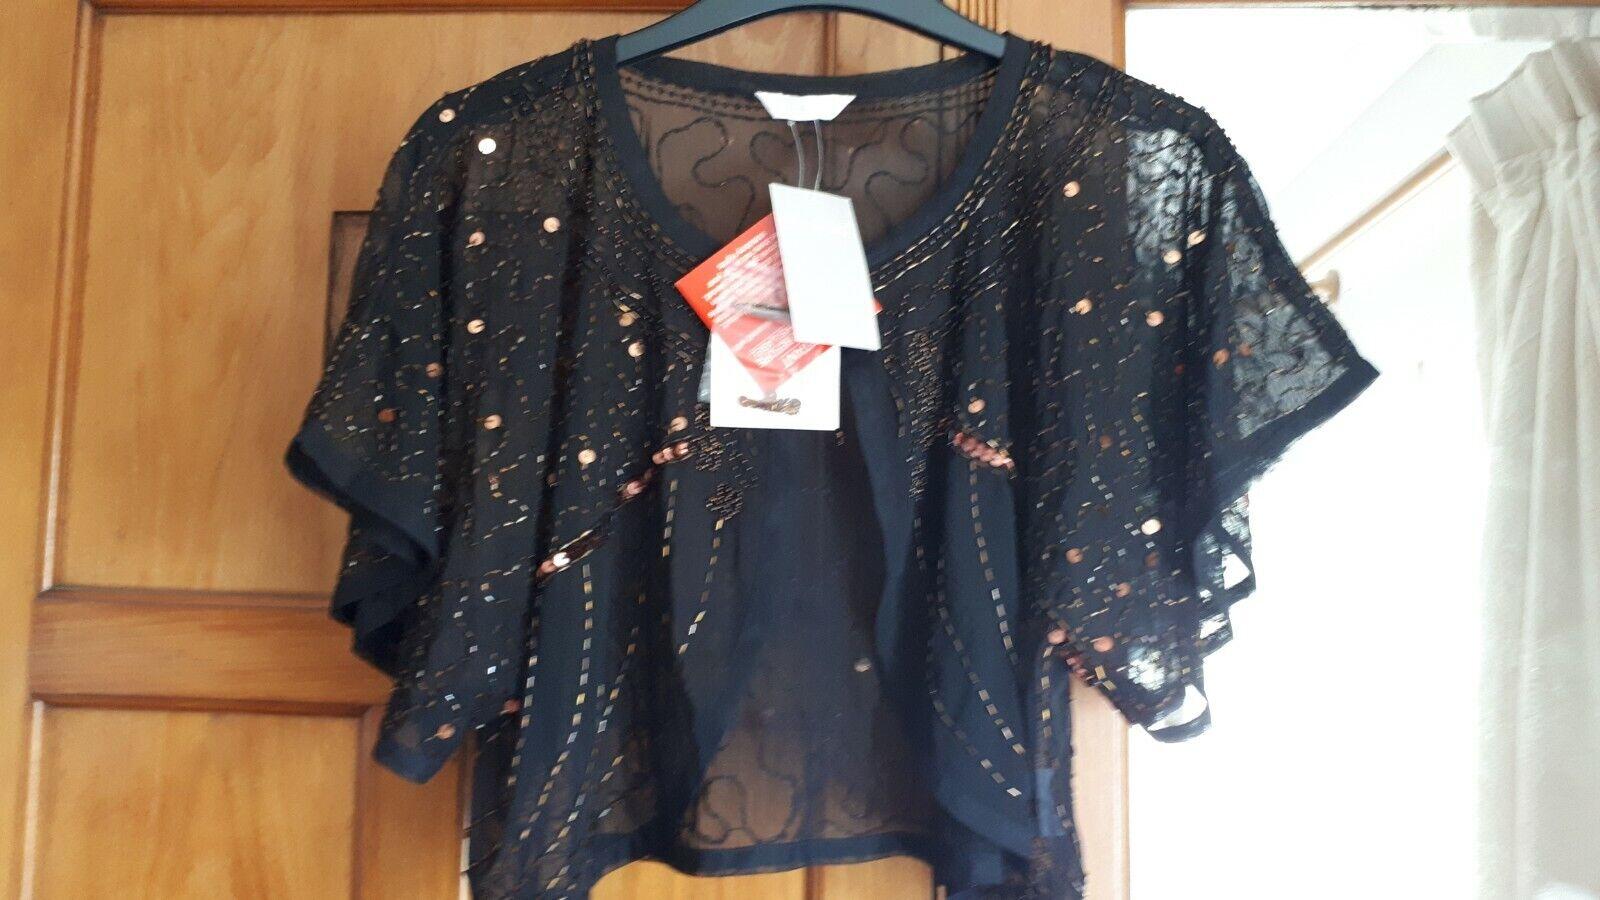 Berkertex dark brown / copper beaded shrug jacket with wide sleeves size 16